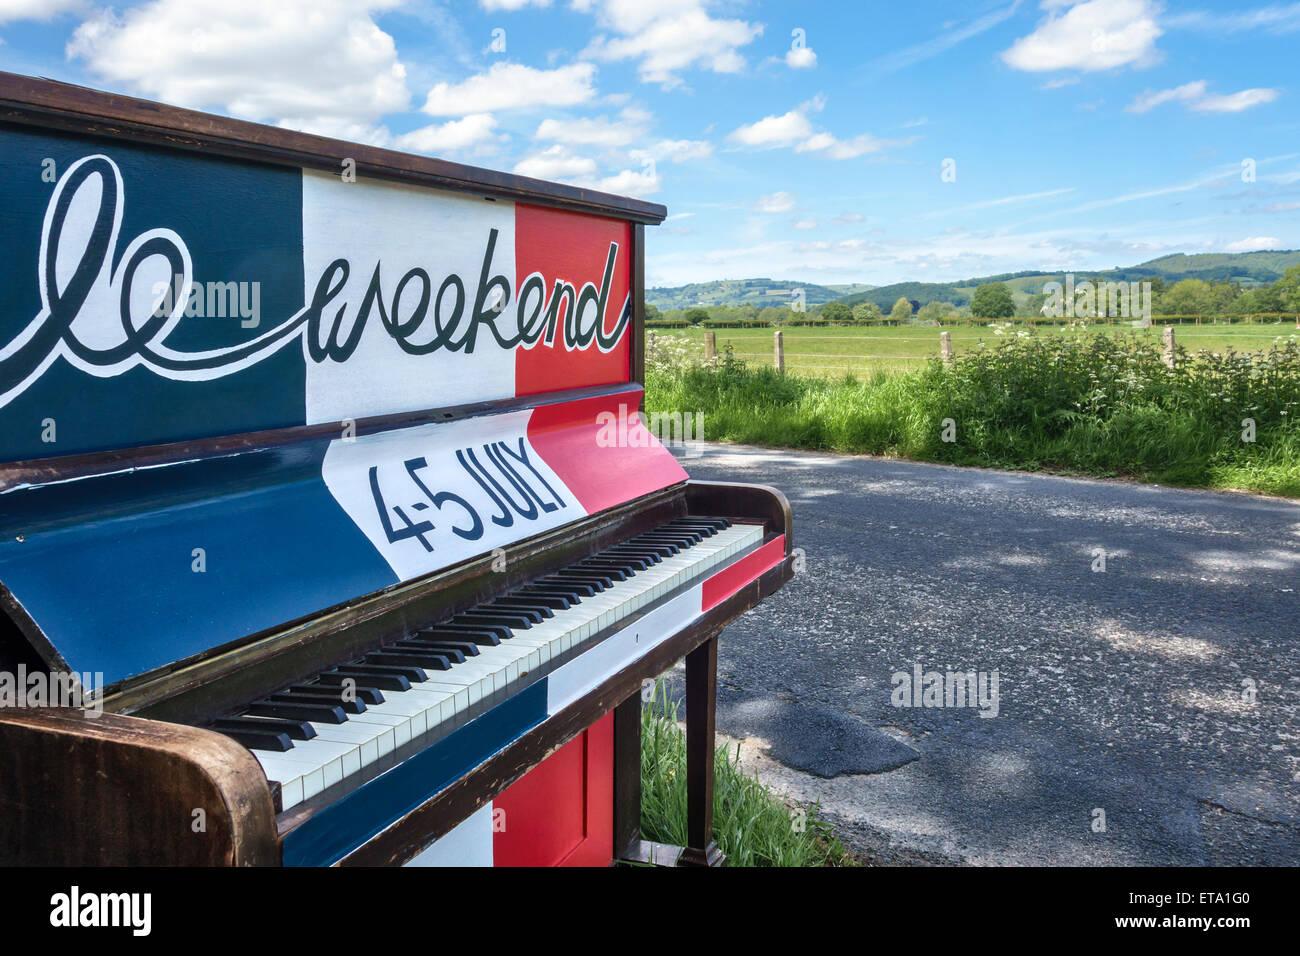 Un piano pintado publicidad el 2015 Full Circle music festival de Presteigne, Powys, Reino Unido Imagen De Stock